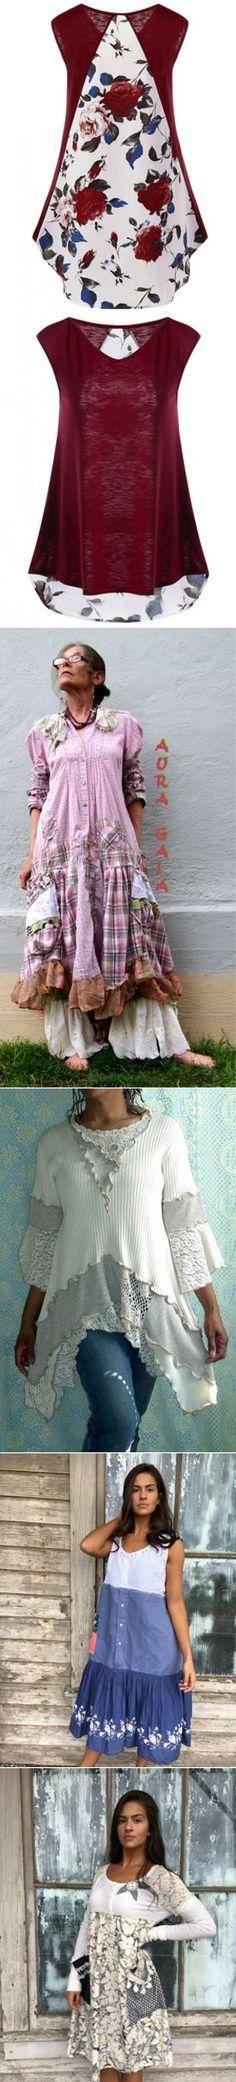 Upcycled Clothing в Pinterest